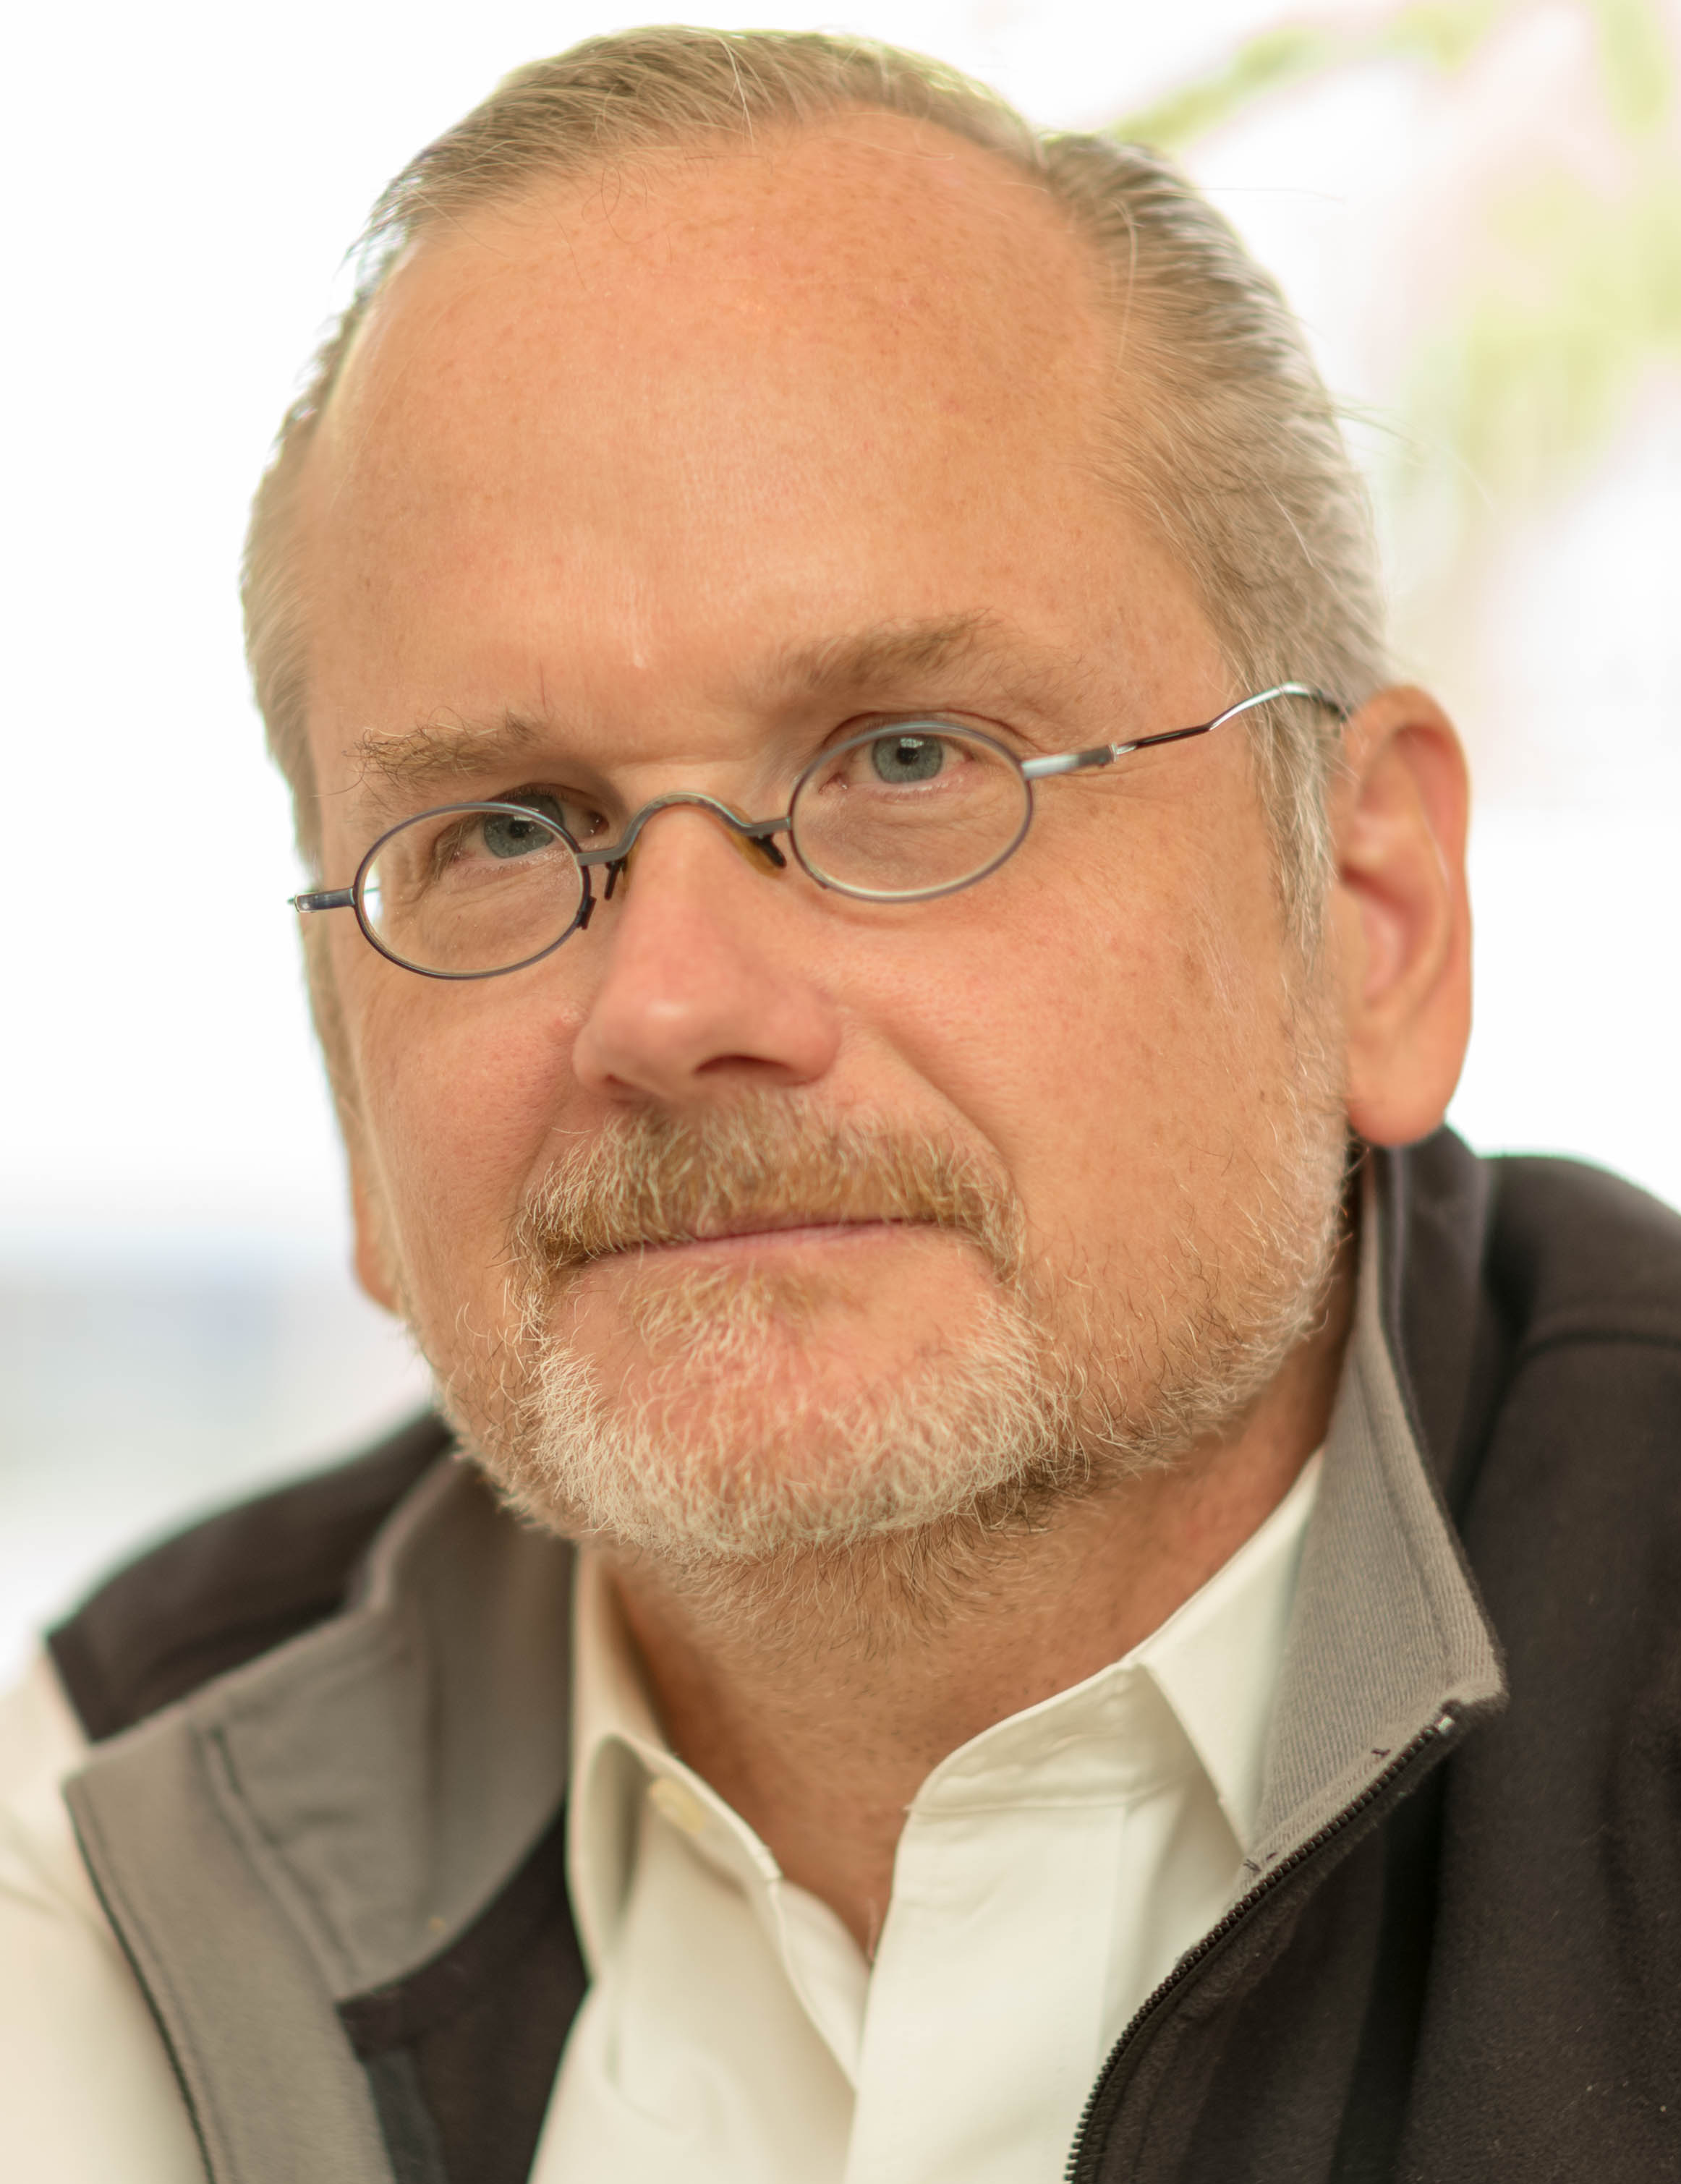 Veja o que saiu no Migalhas sobre Lawrence Lessig